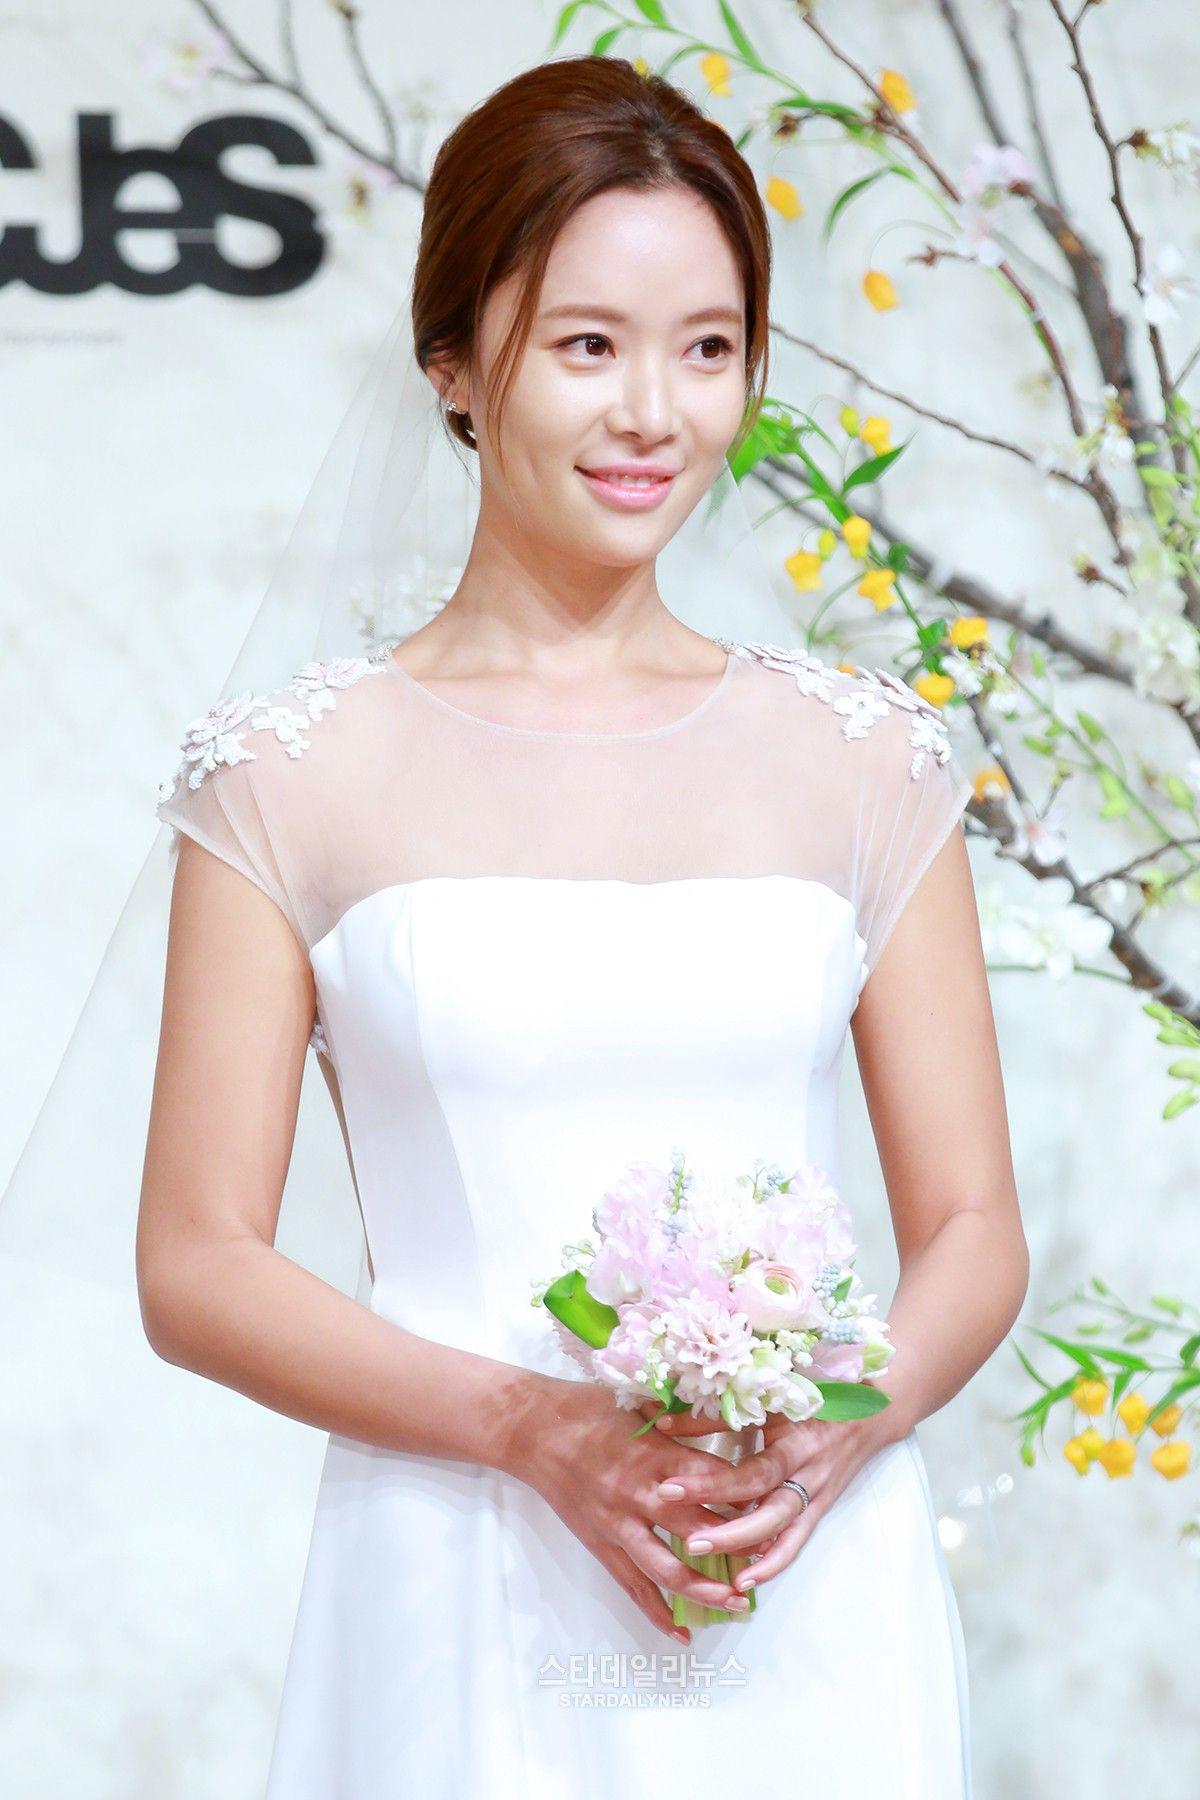 HOT: Hwang Jung Eum (She Was Pretty) mang thai lần 2 sau 1 năm gần ly dị chồng đại gia - Ảnh 4.